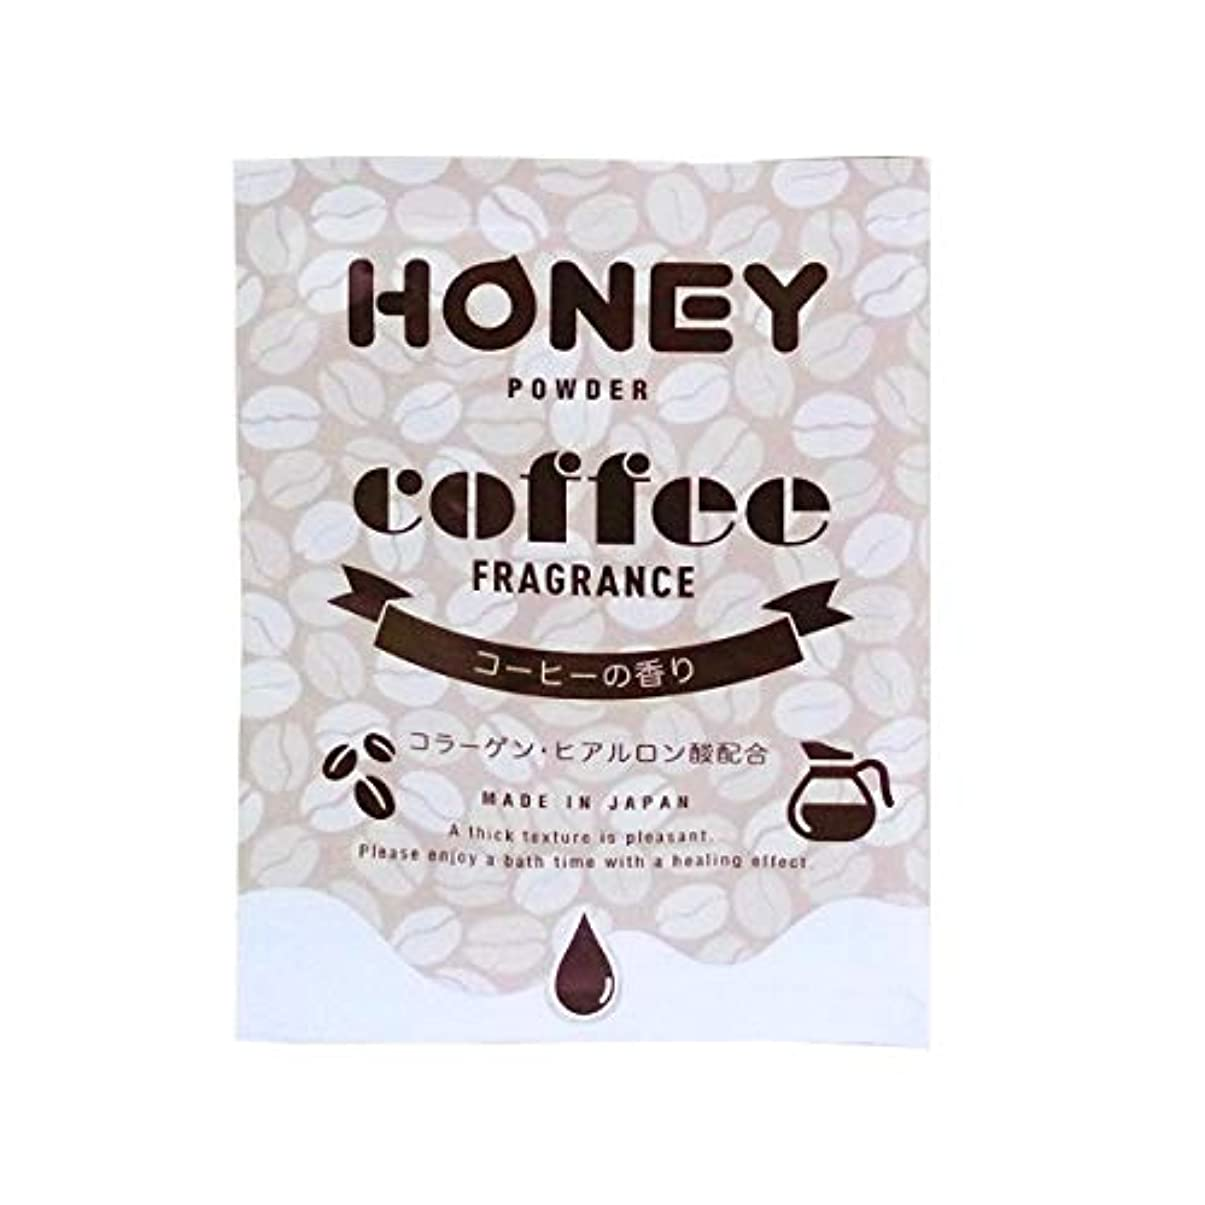 スーツ撃退する情熱的とろとろ入浴剤【honey powder】(ハニーパウダー) 2個セット コーヒーの香り 粉末タイプ ローション